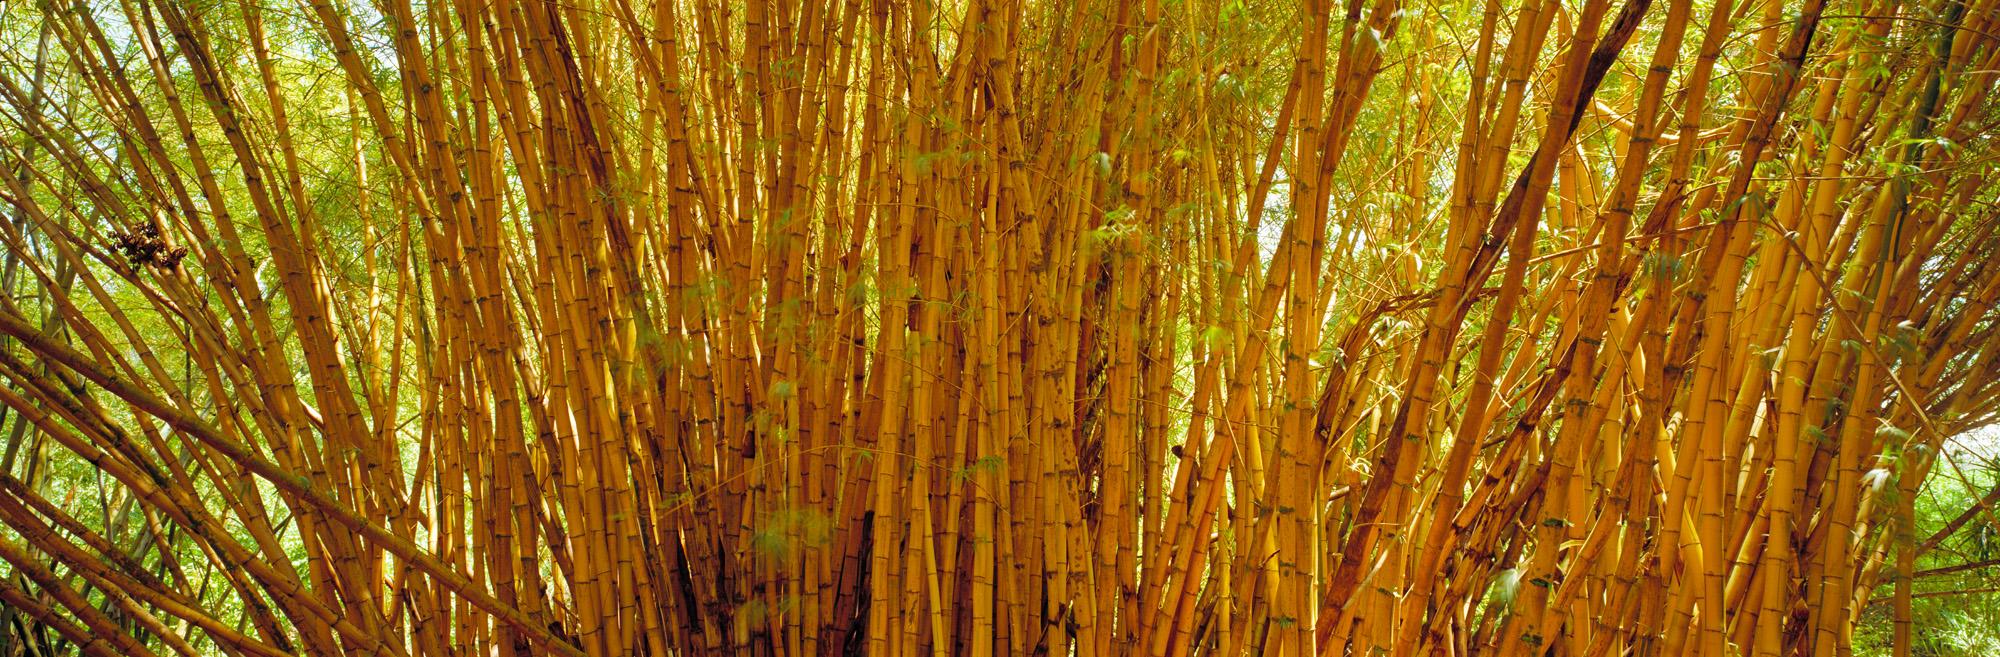 Bambus, Pflanze, Natur, Struktur, Gewächs, Wachstum, Leben, Grün, Holz, Blätter, Blatt, Makro, Wald